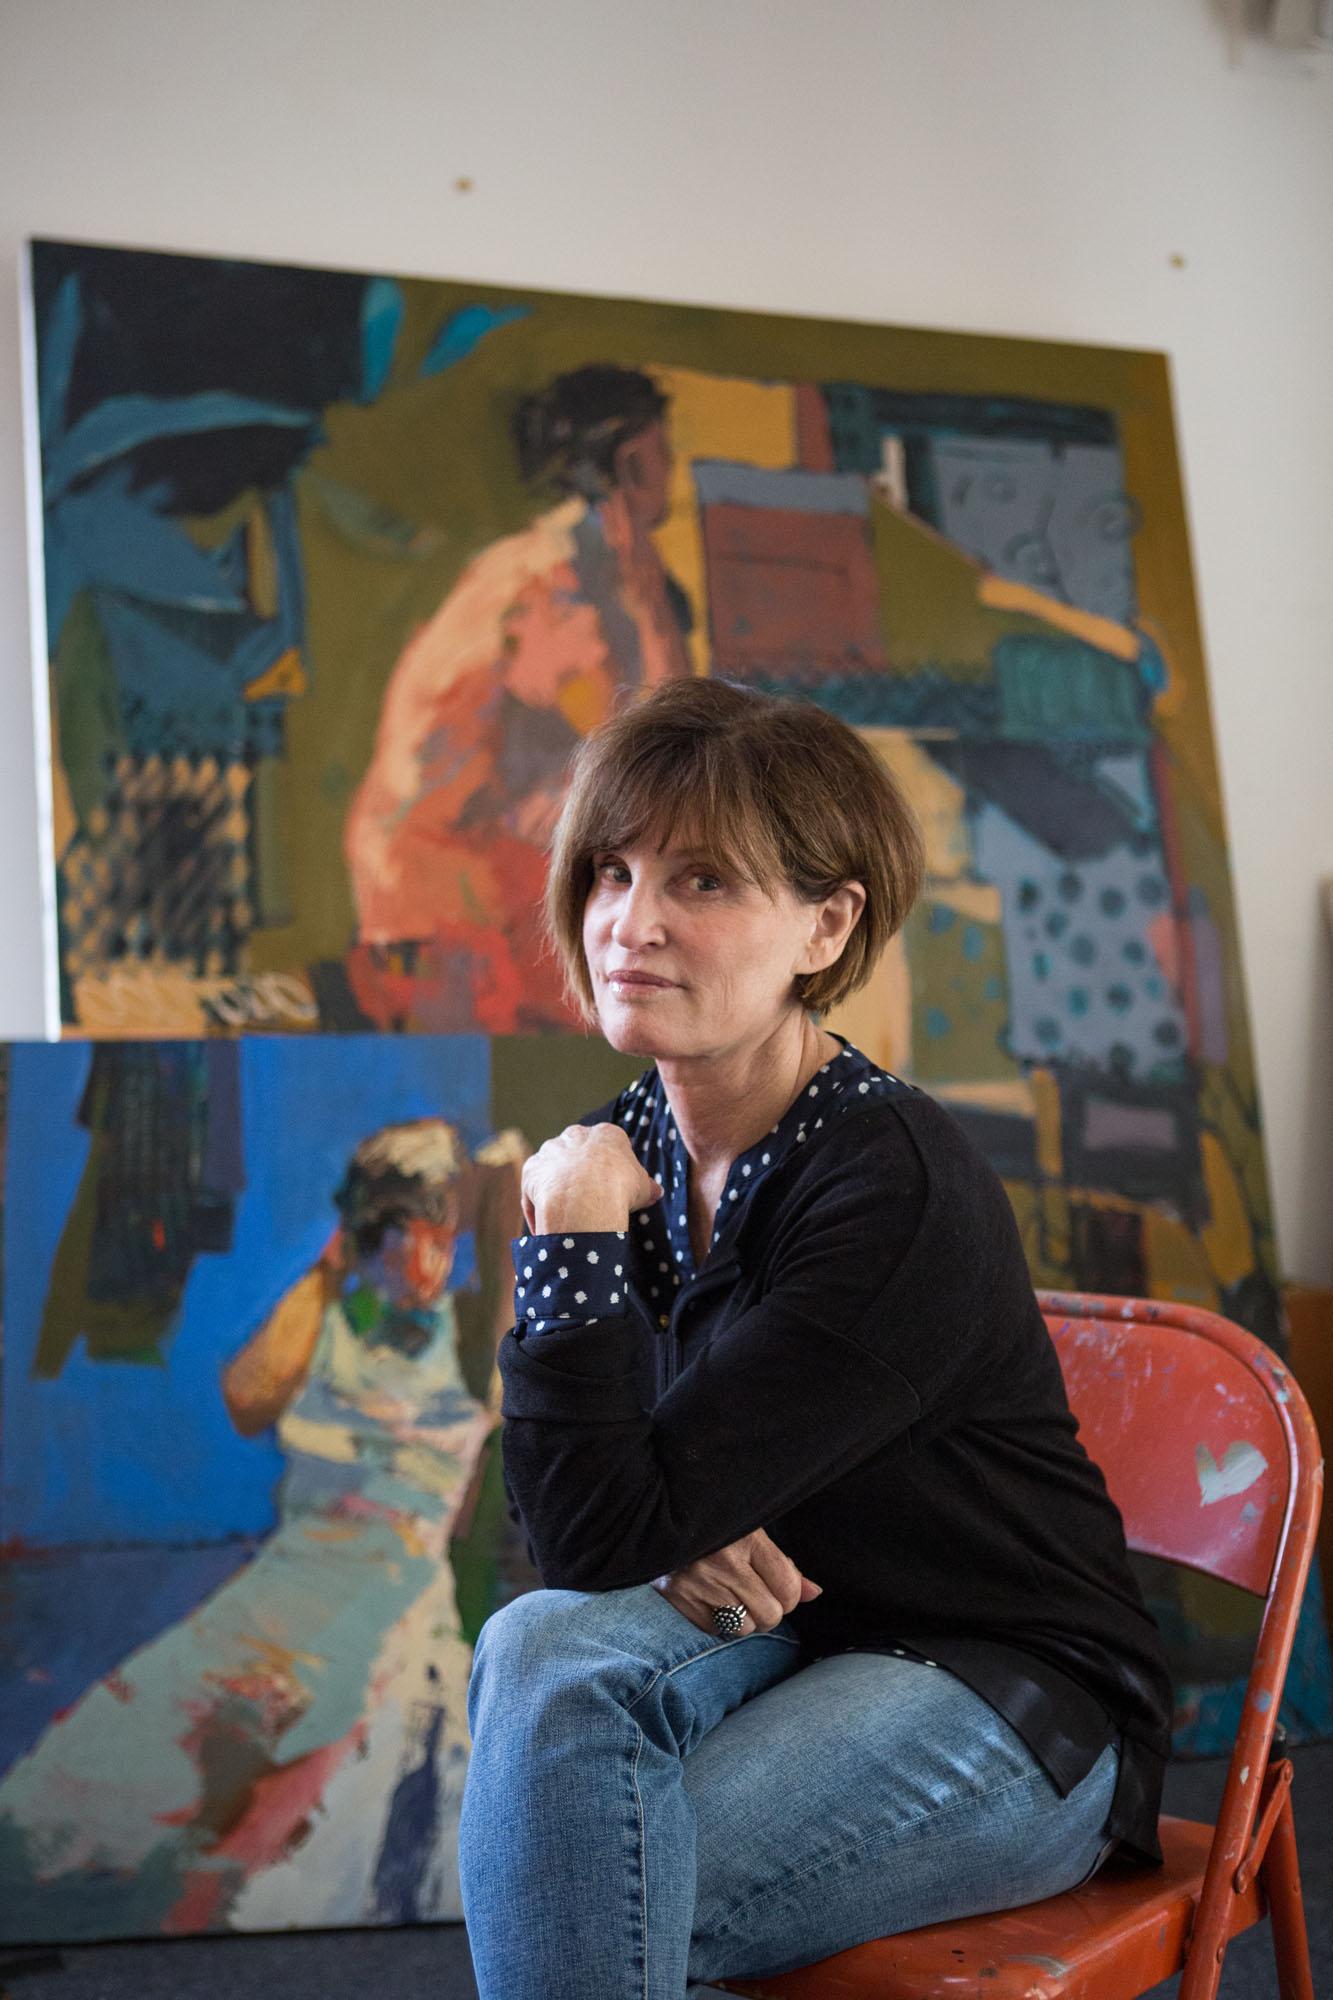 Linda-Christensen-artist-studio-branding-photos-oil-painter03.jpg